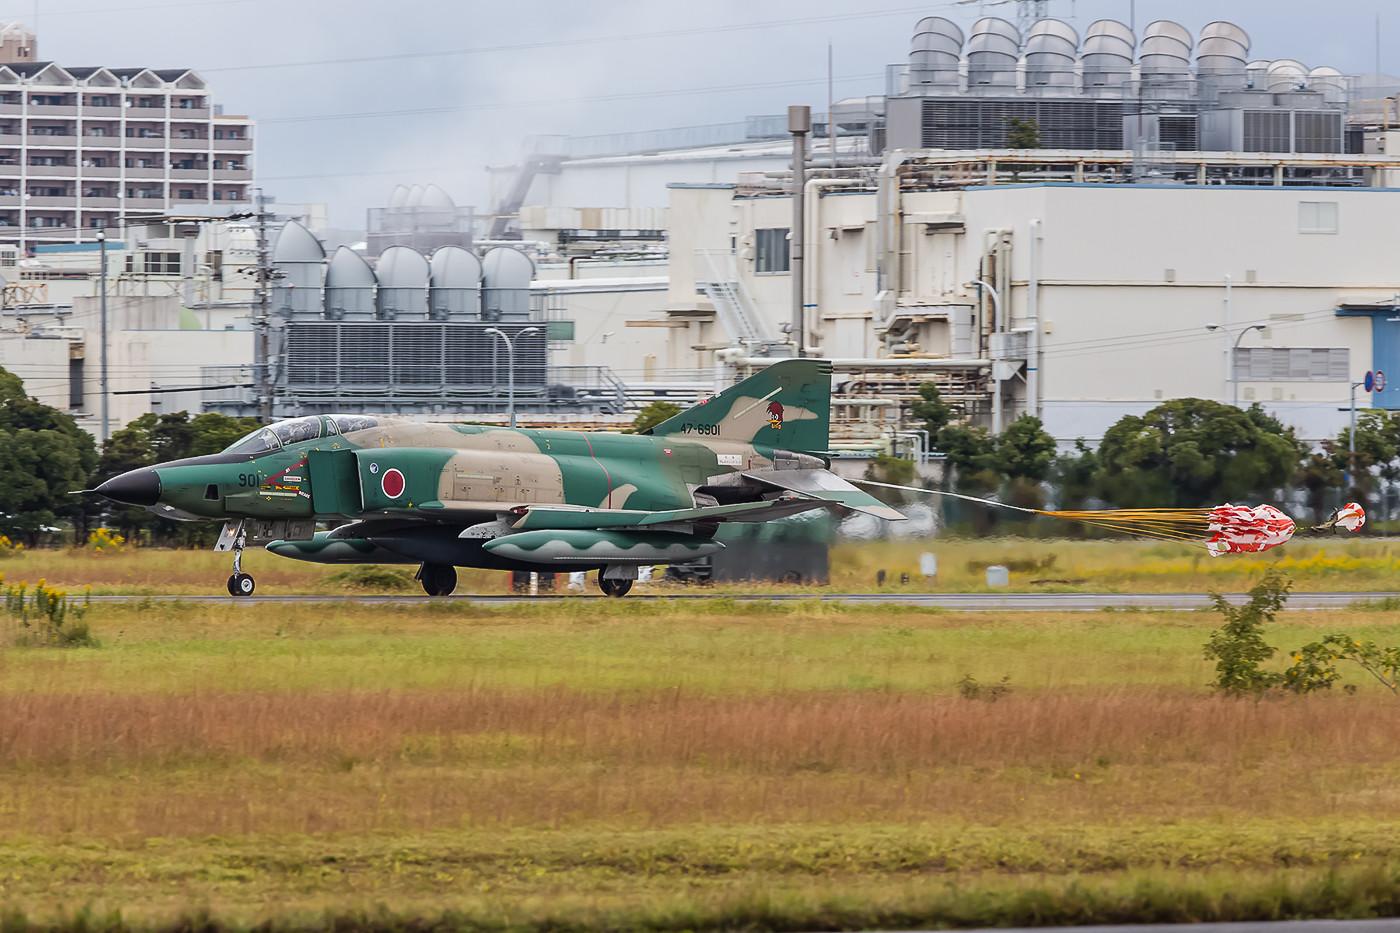 RF-4EJ Kai der 501st Hikotai aus Hyakuri landet mit Schirm. Die Maschinen waren zum Training für das Review am folgenden Wochenende nach Hamamtsu gekommen.